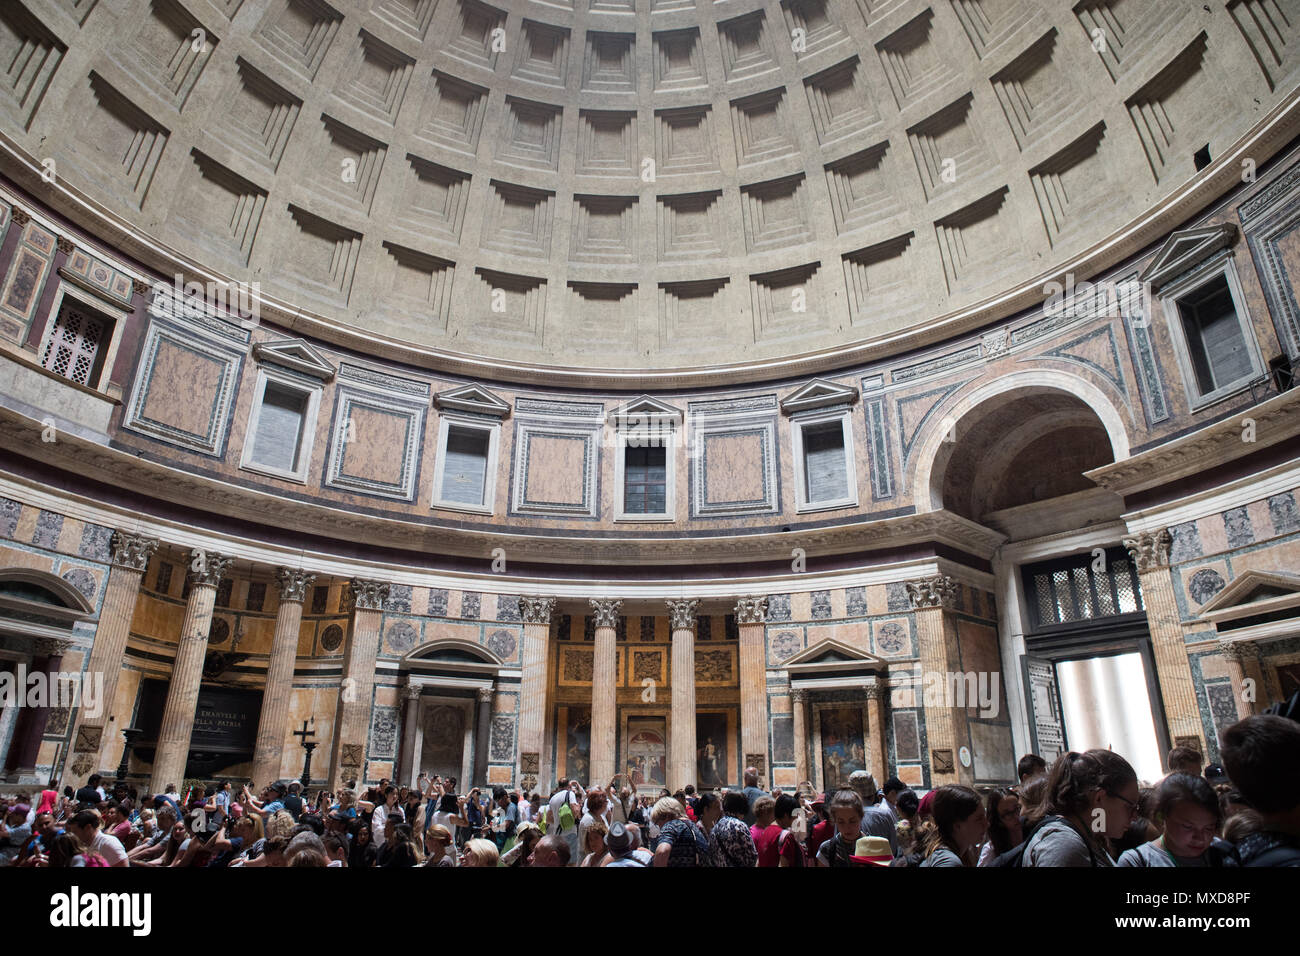 Roma Pantheon interno, luce vera il foro, i turisti in visita Immagini Stock